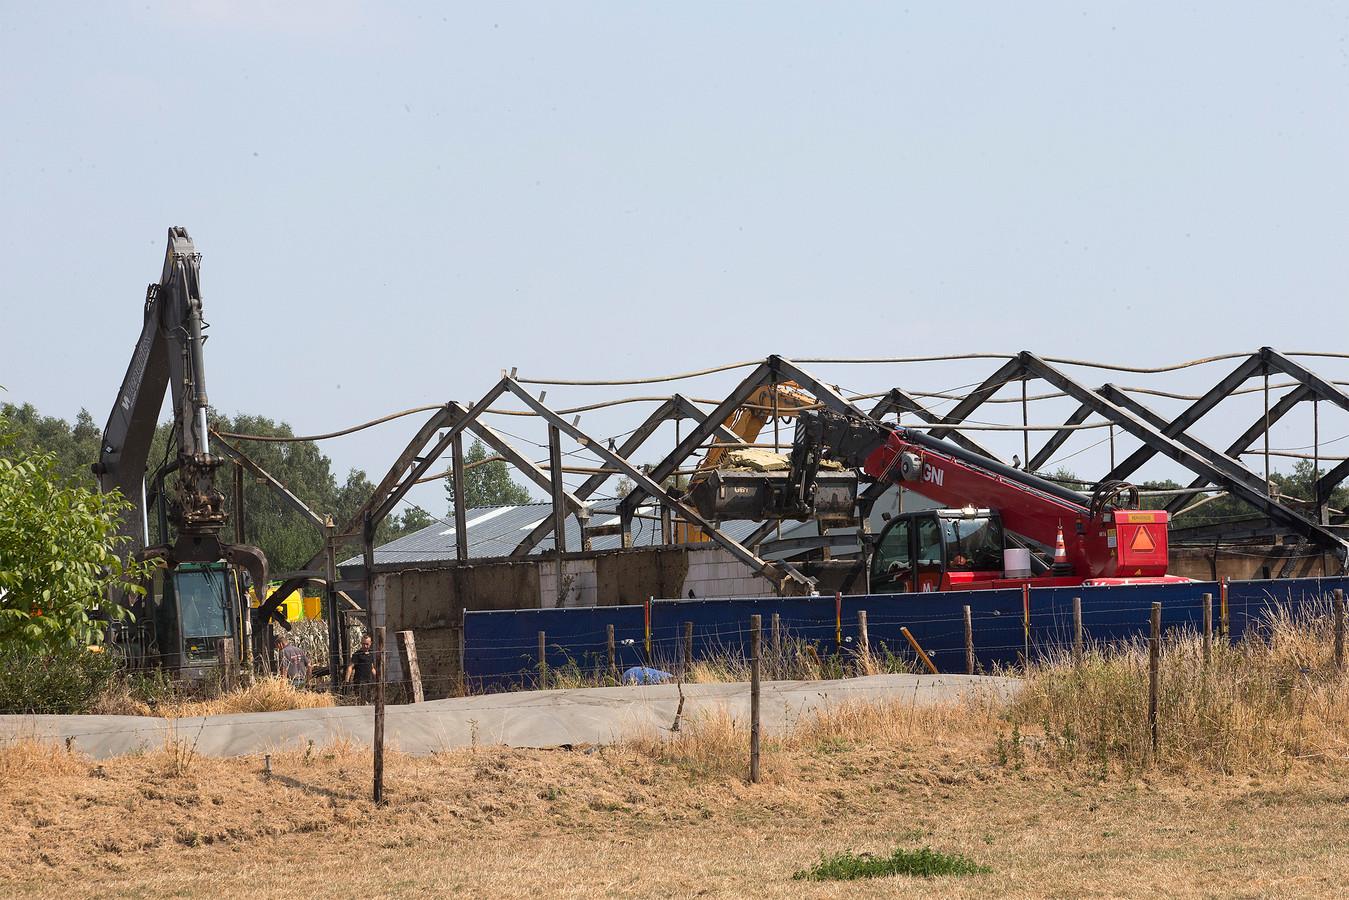 In Didam wordt de varkensstal opgeruimd na een brand.